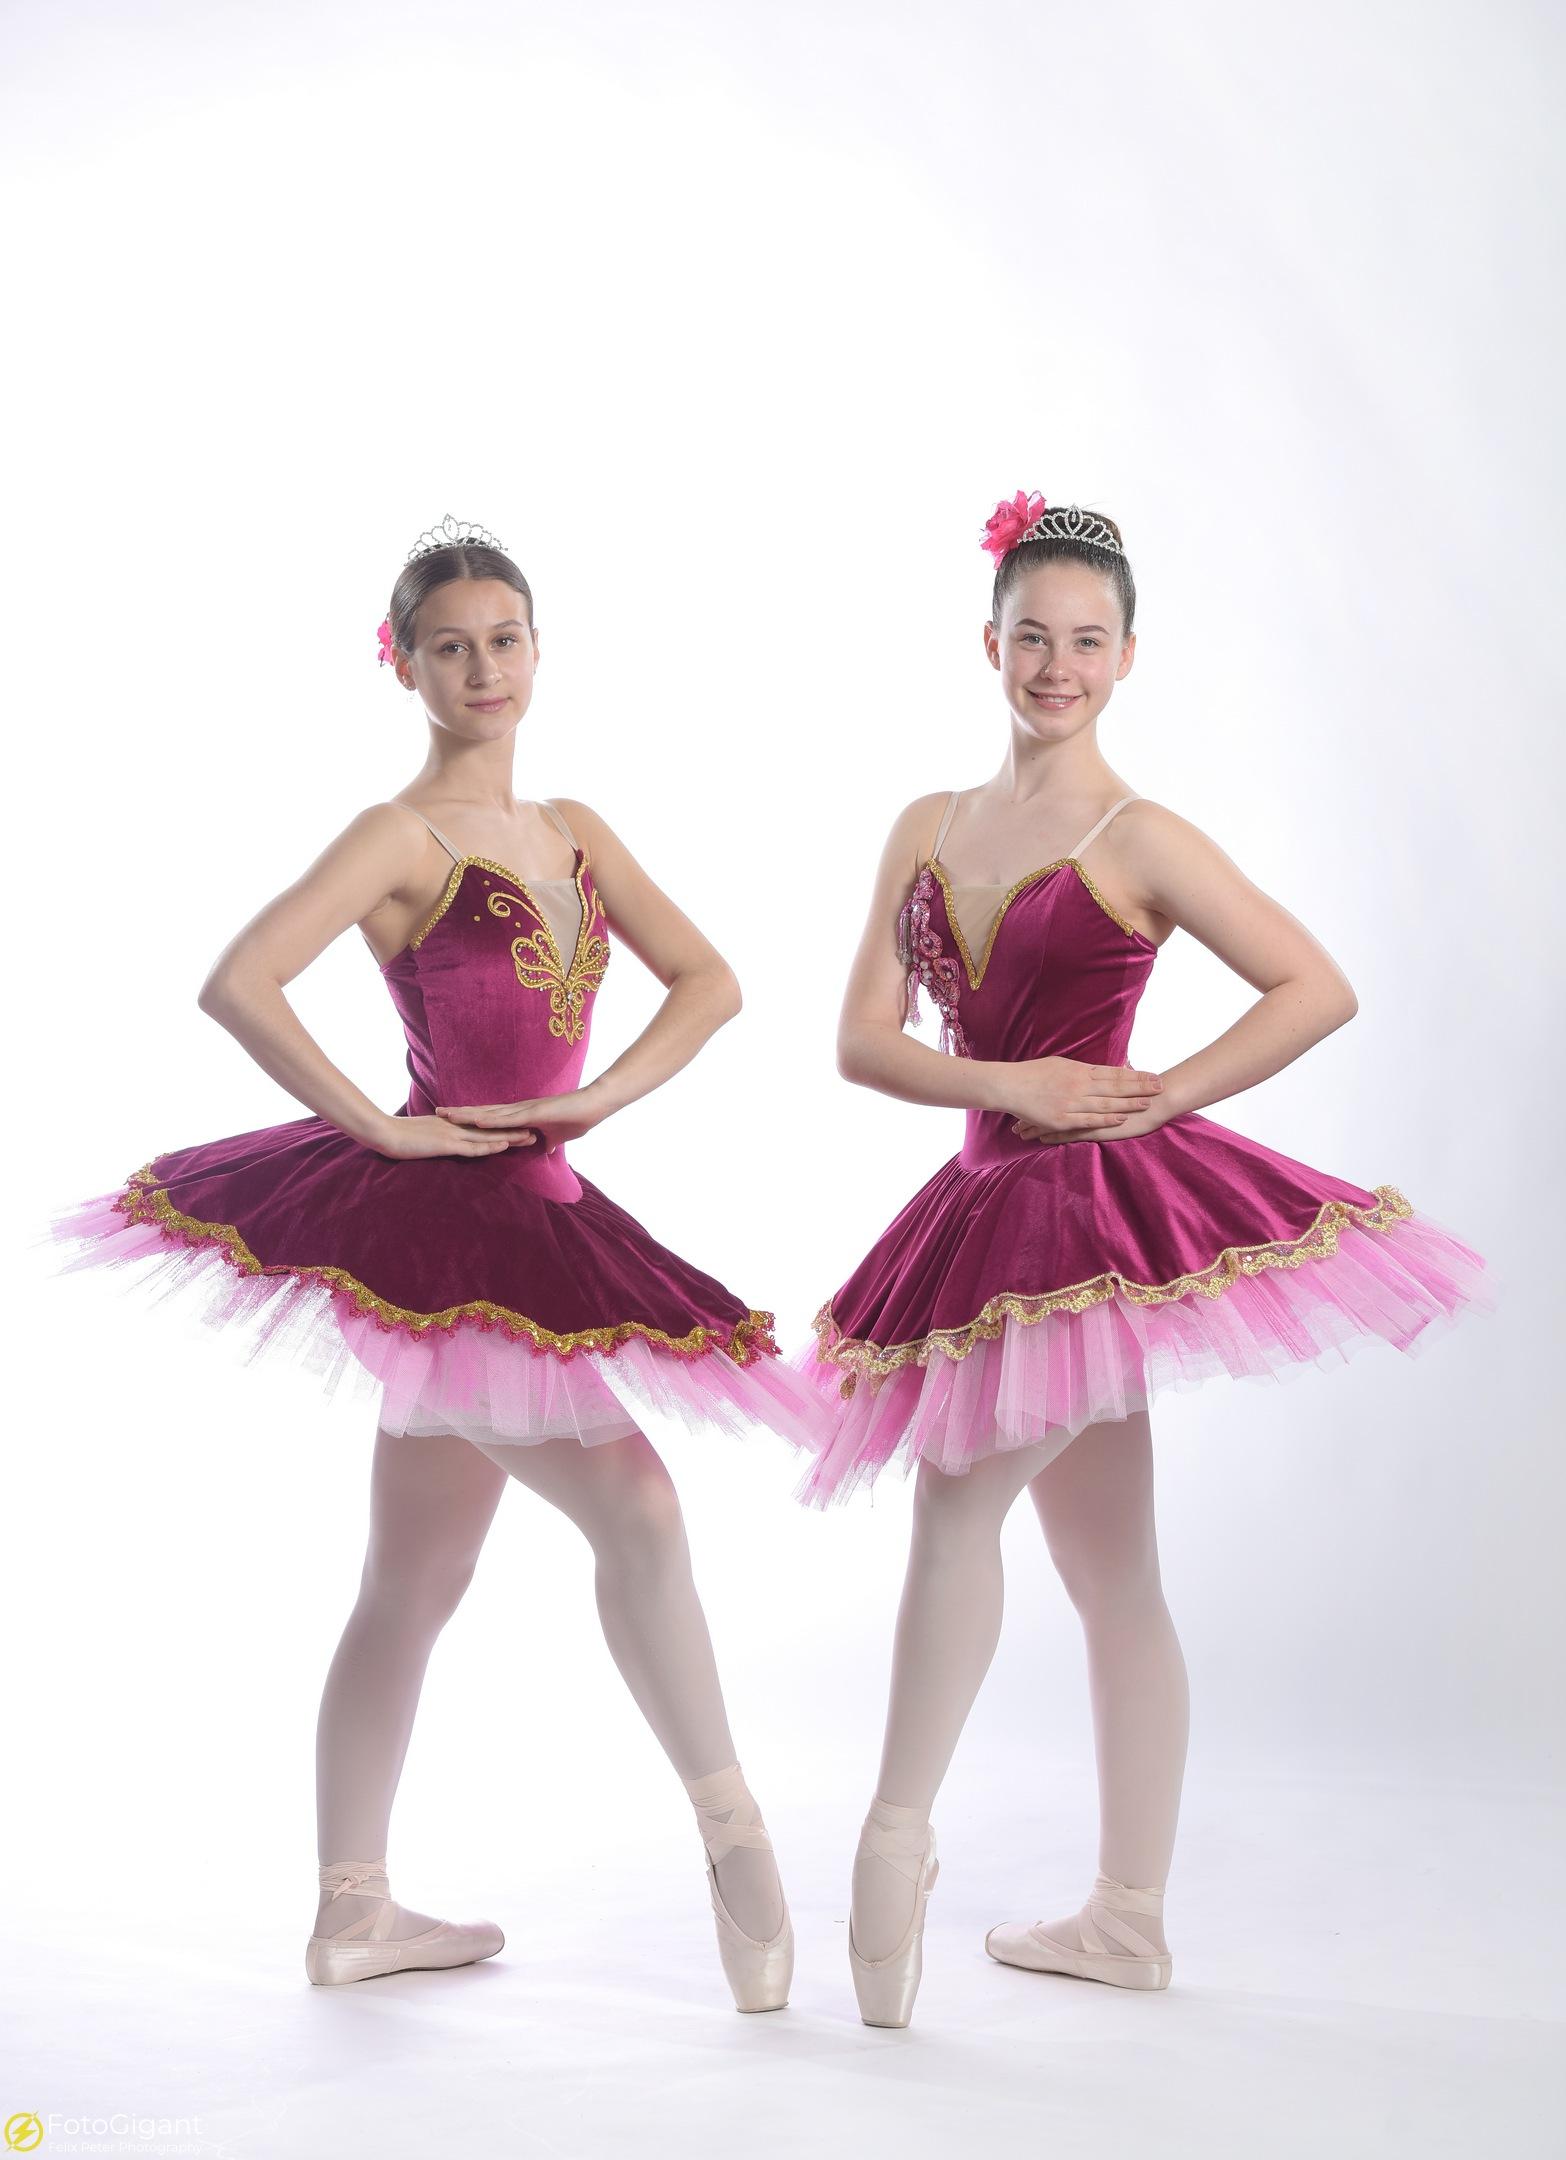 Ballett-Akademie_Luzern_06.jpg